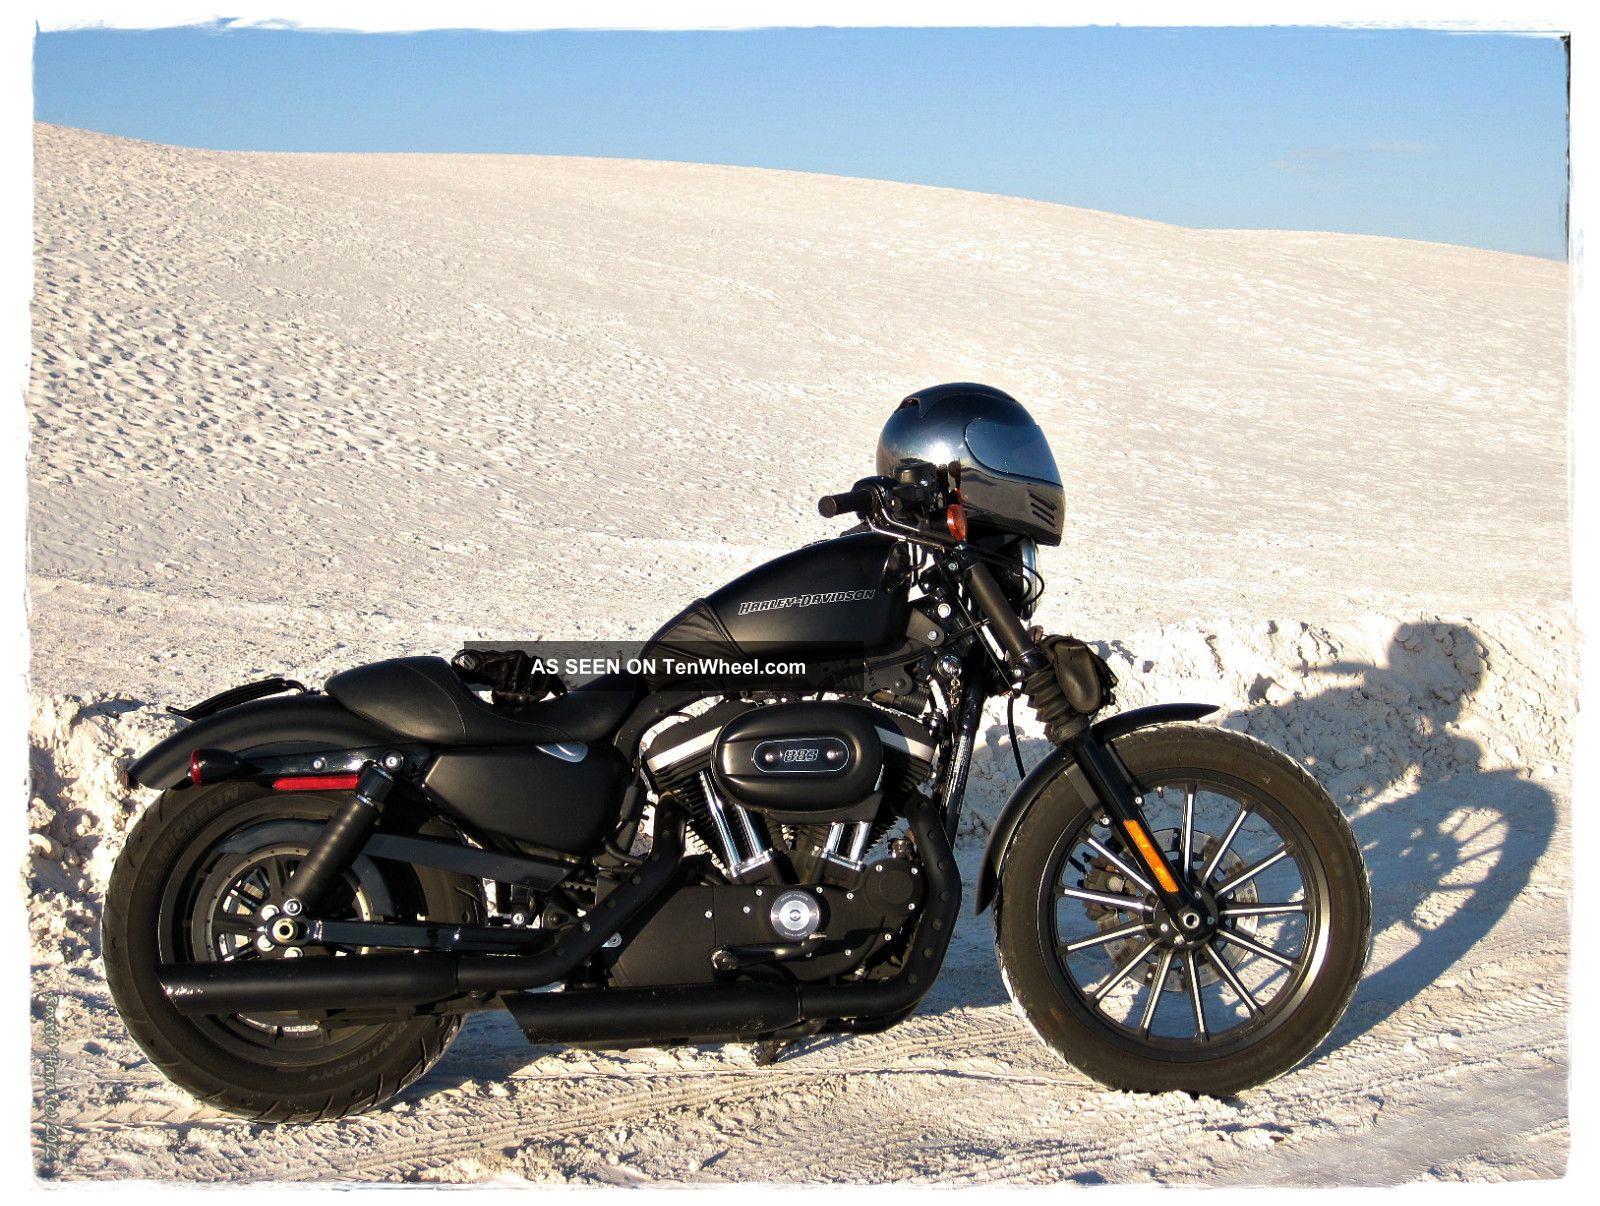 2011 Harley Davidson Sportster 883 Iron Murdered